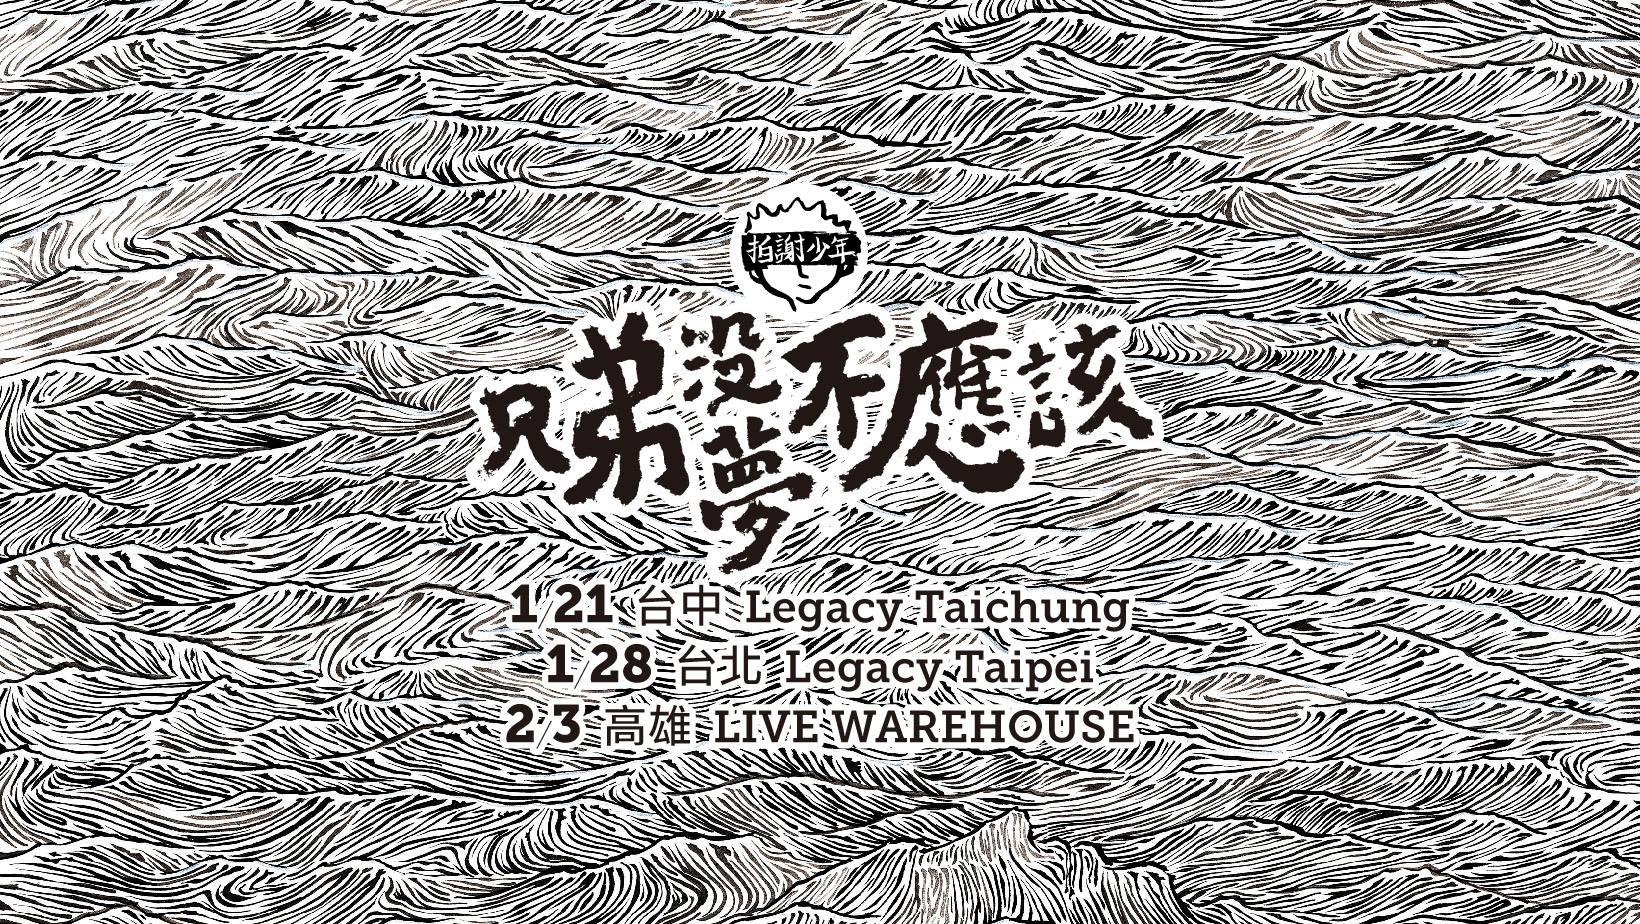 【圖說2】拍謝少年巡迴將於 1 月 21 日台中 legacy 展開